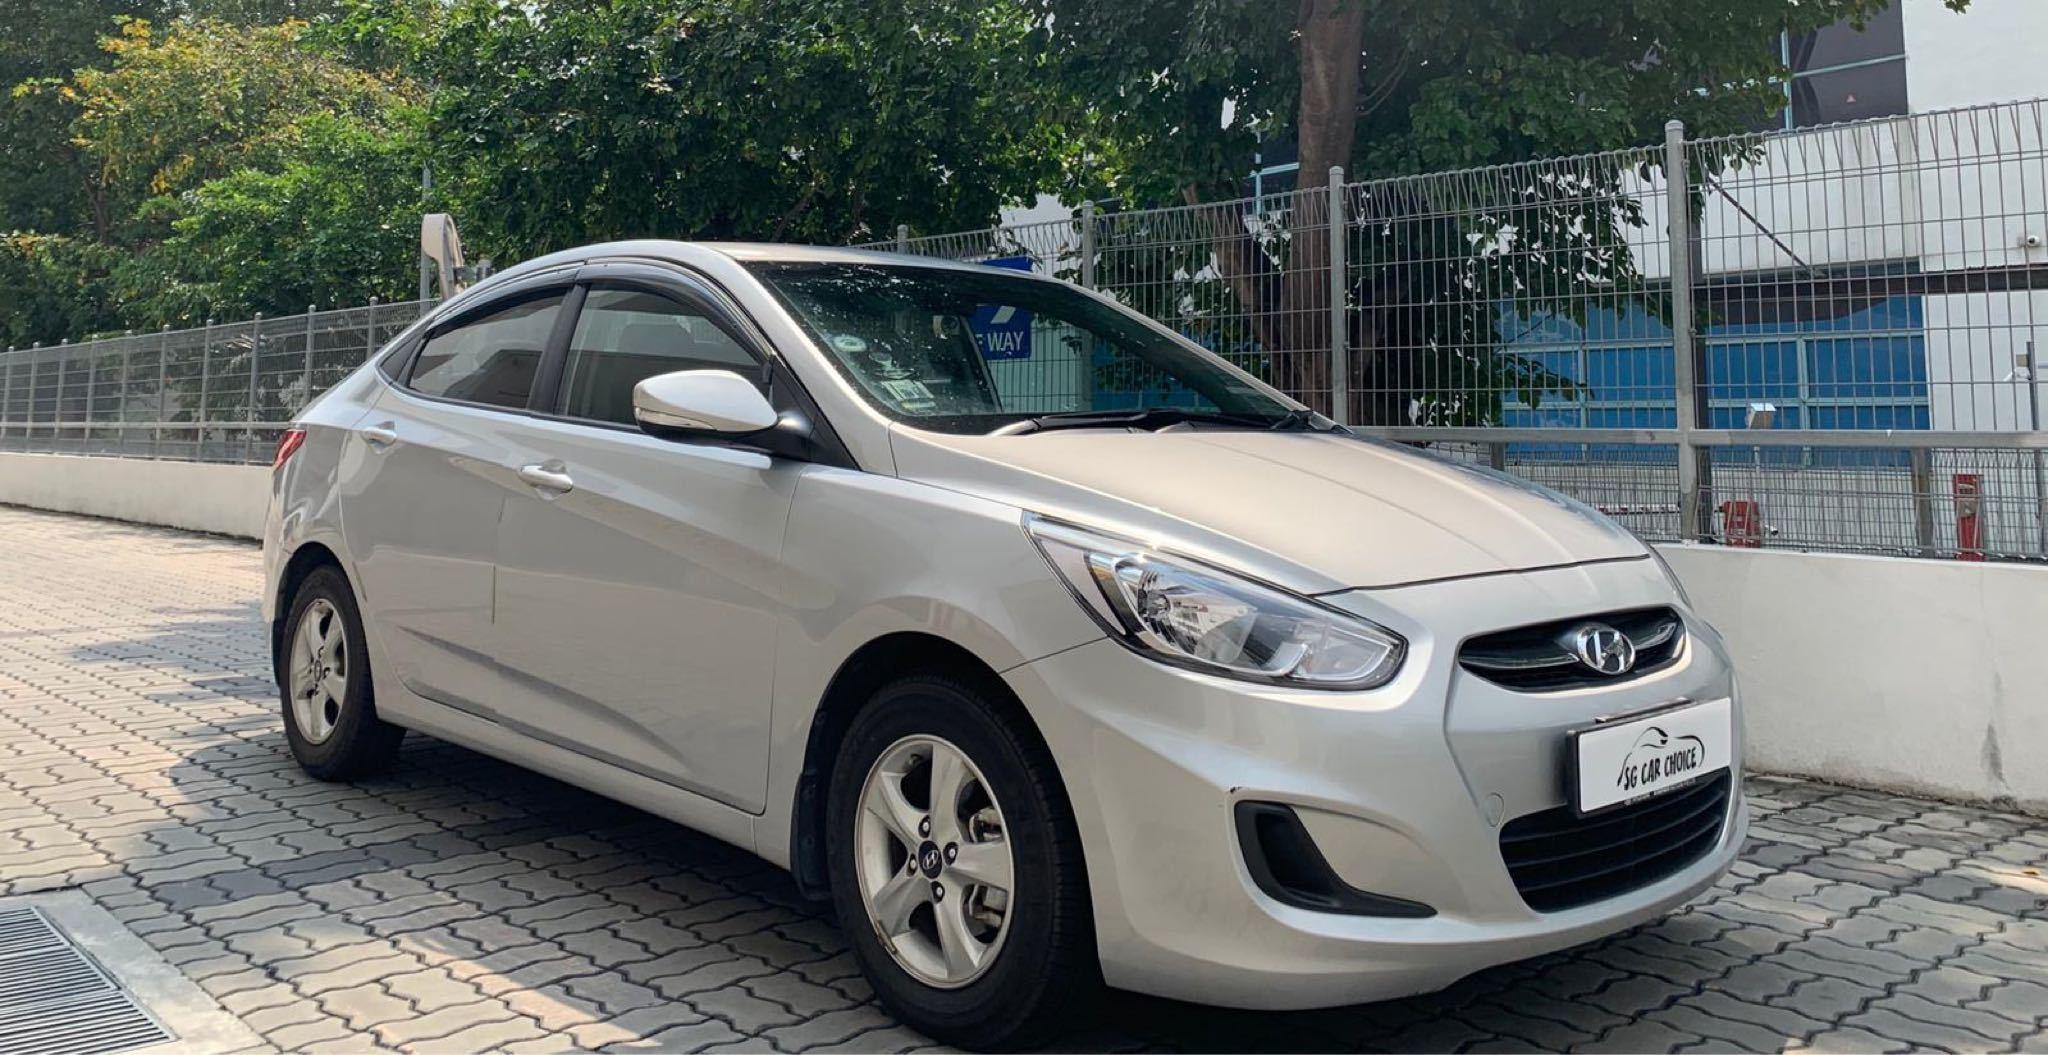 Hyundai Accent 1.4 GL Auto